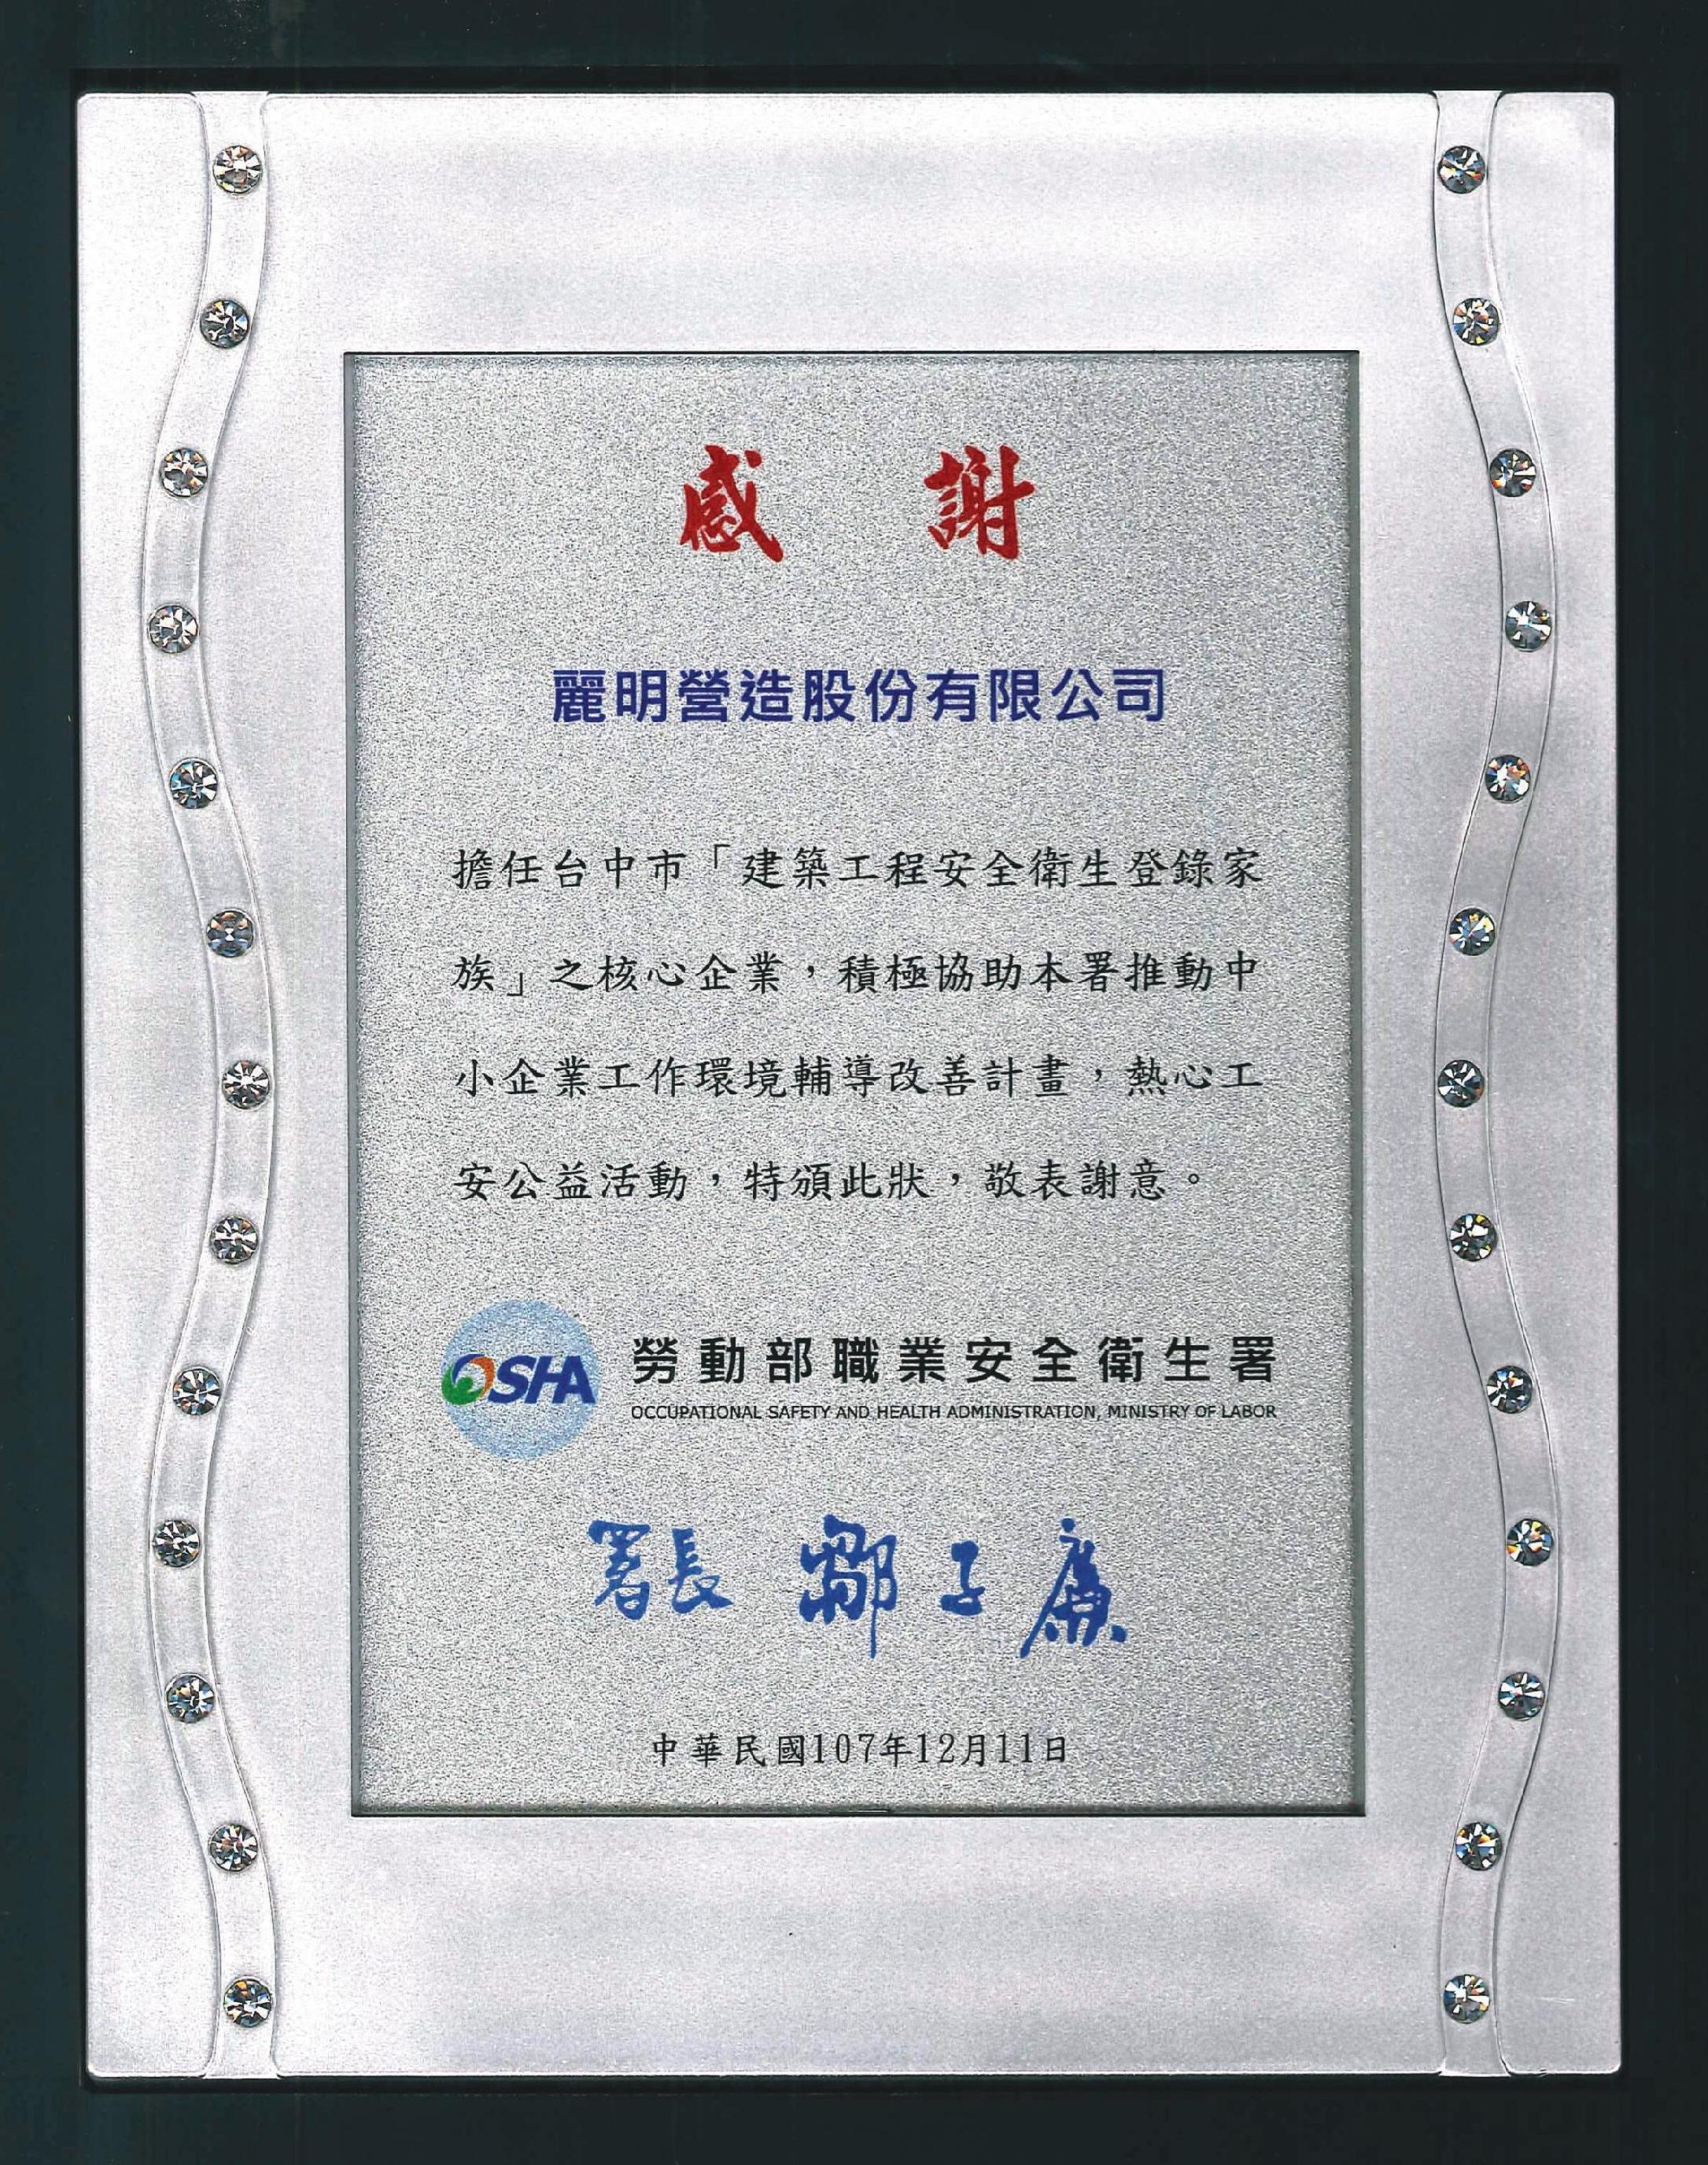 麗明營造熱心工安公益